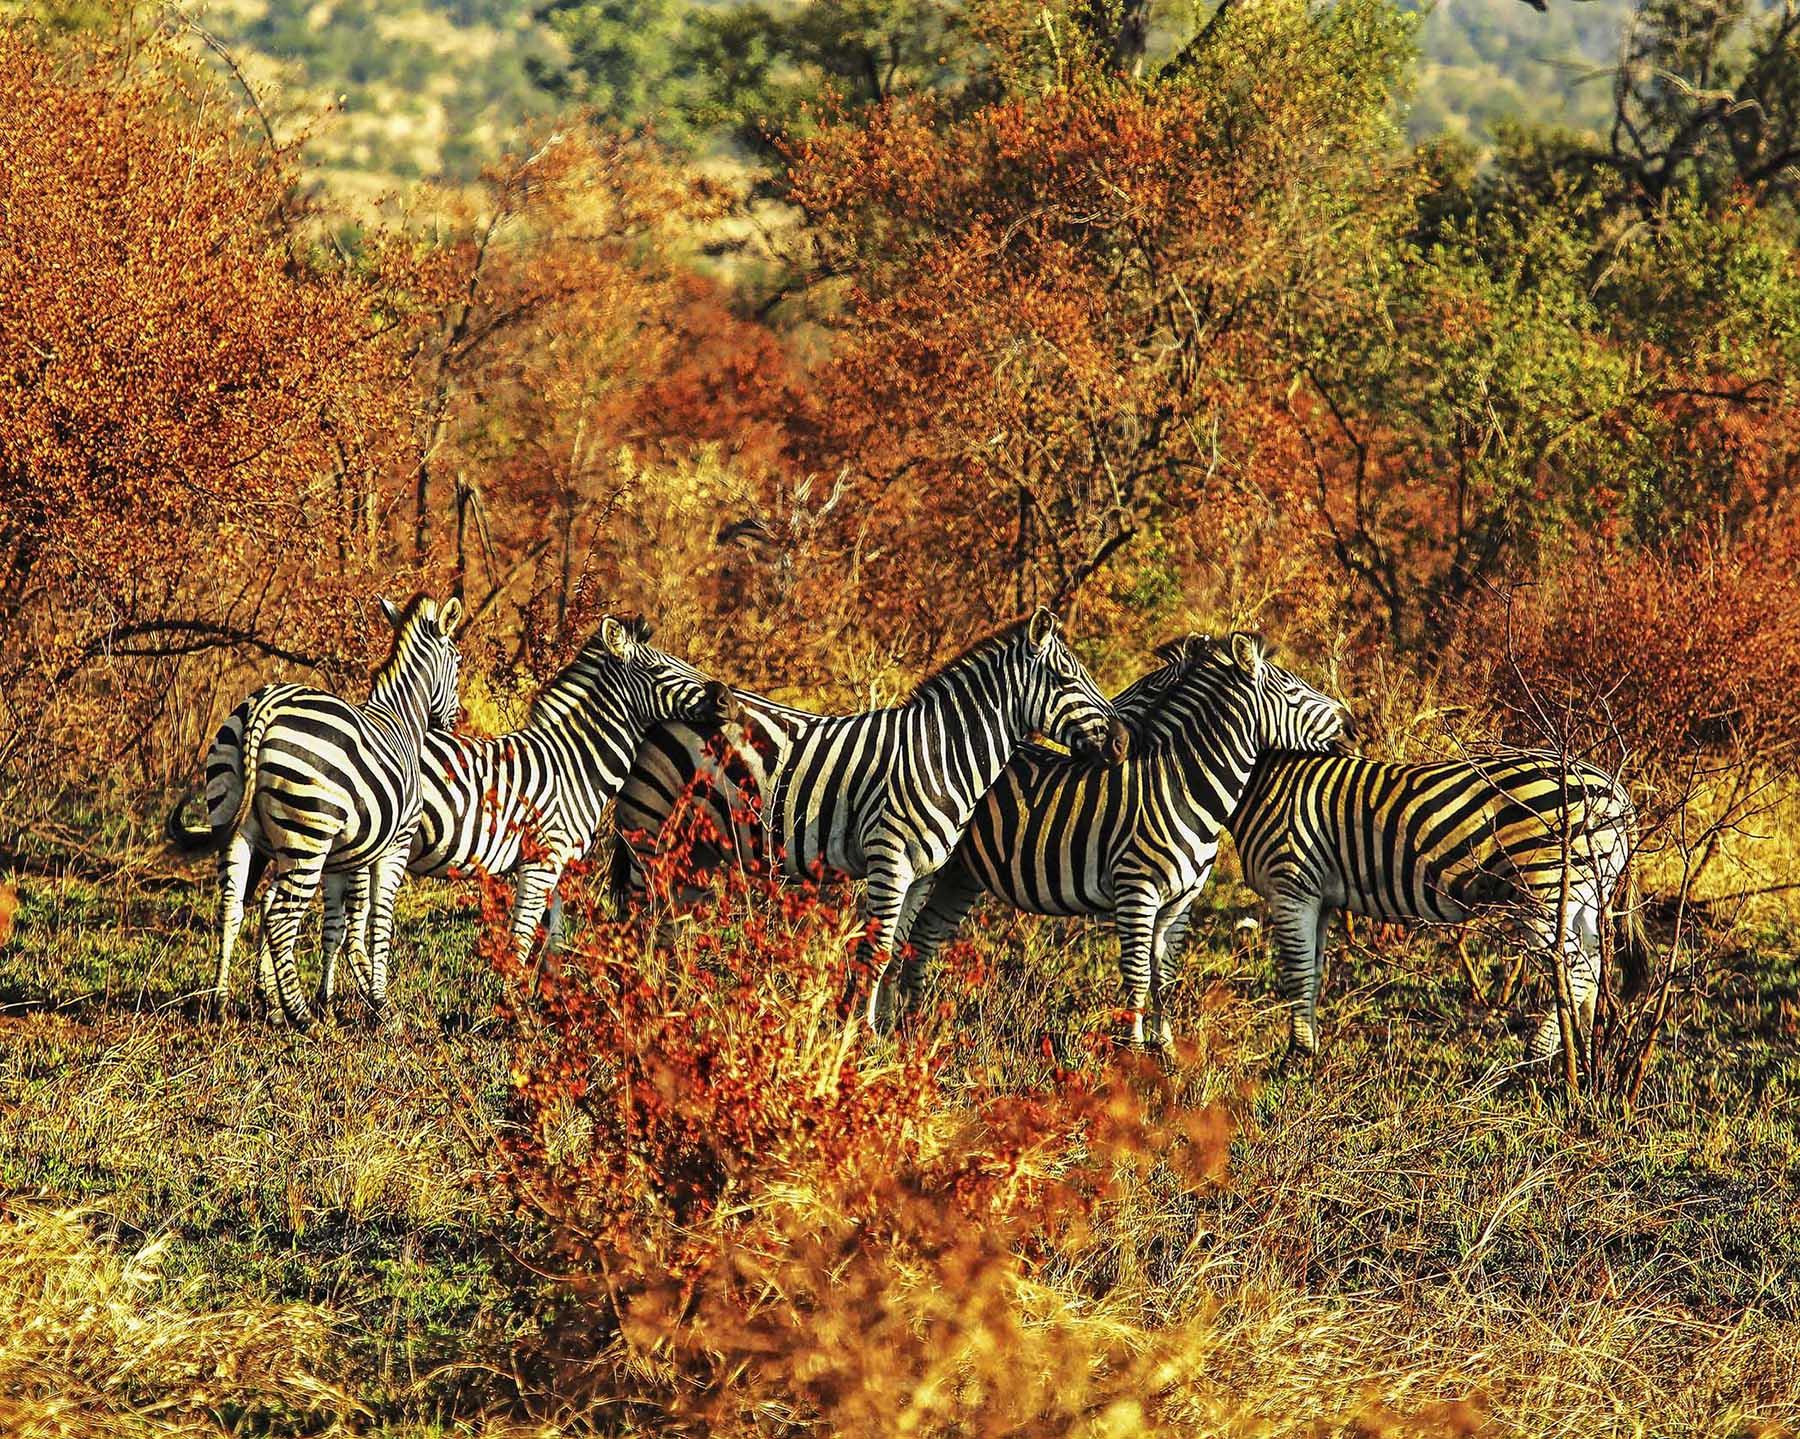 Zebras_2